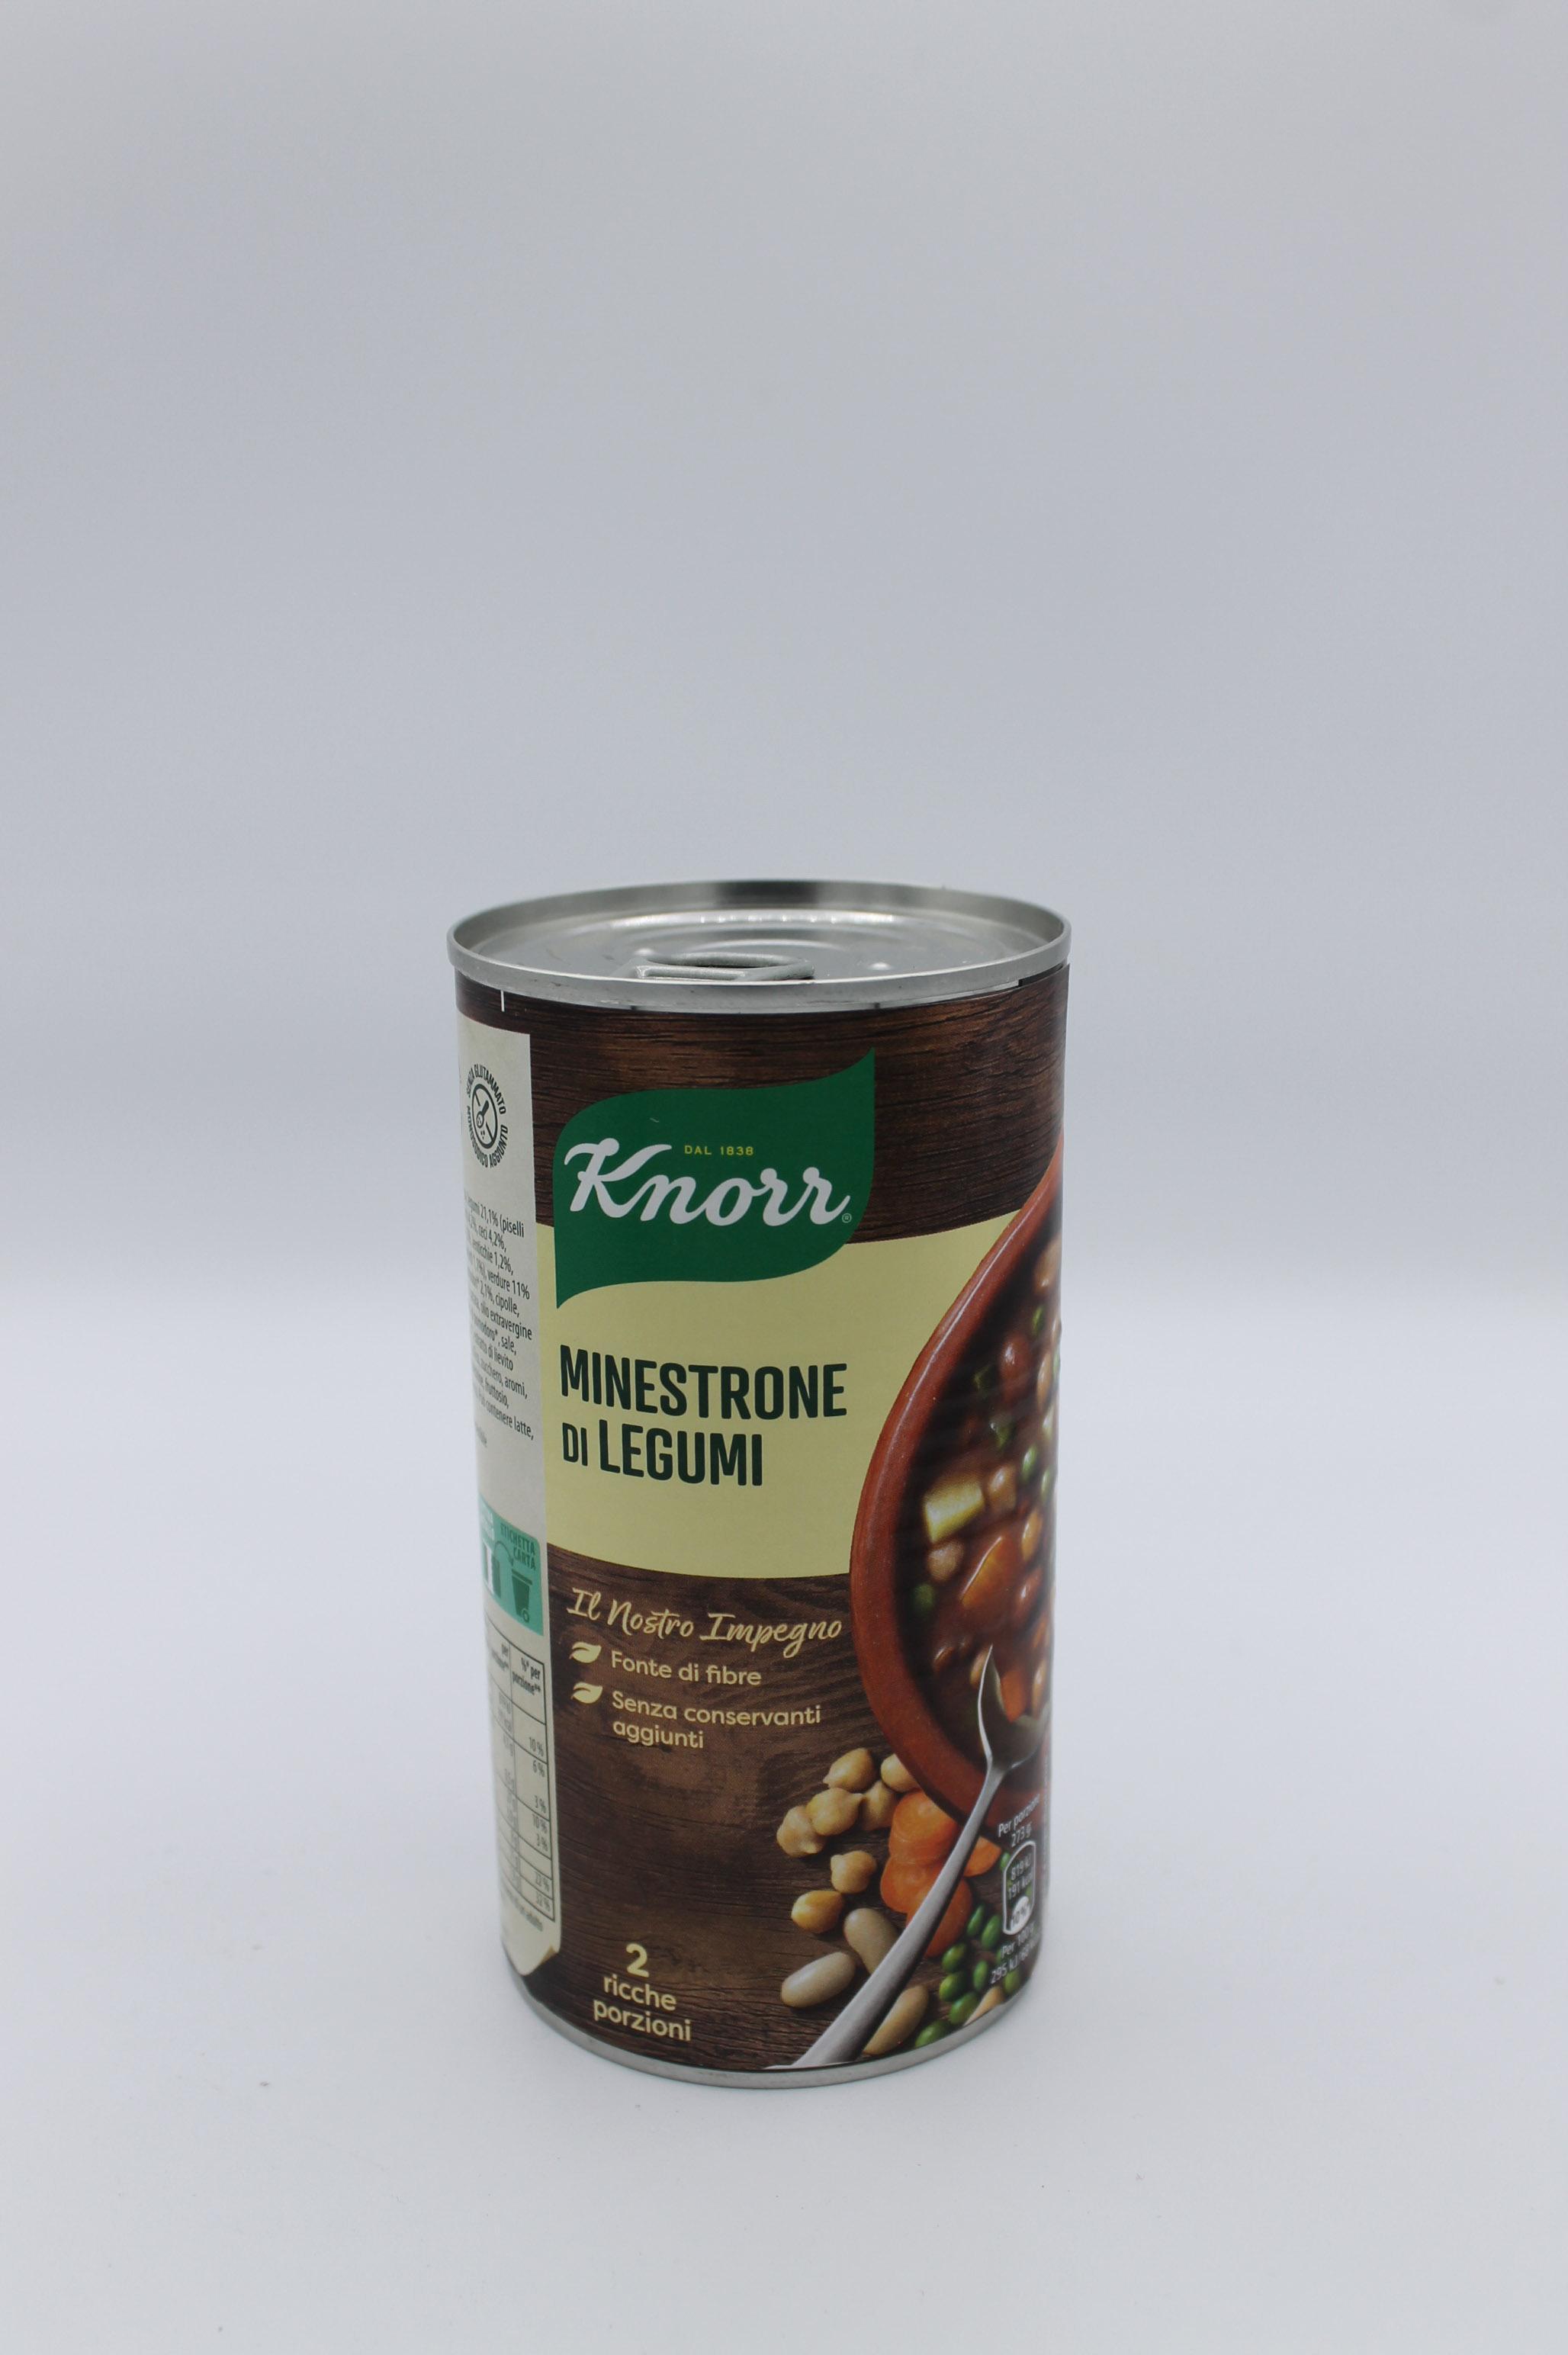 Knorr minestrone legumi 545 gr.